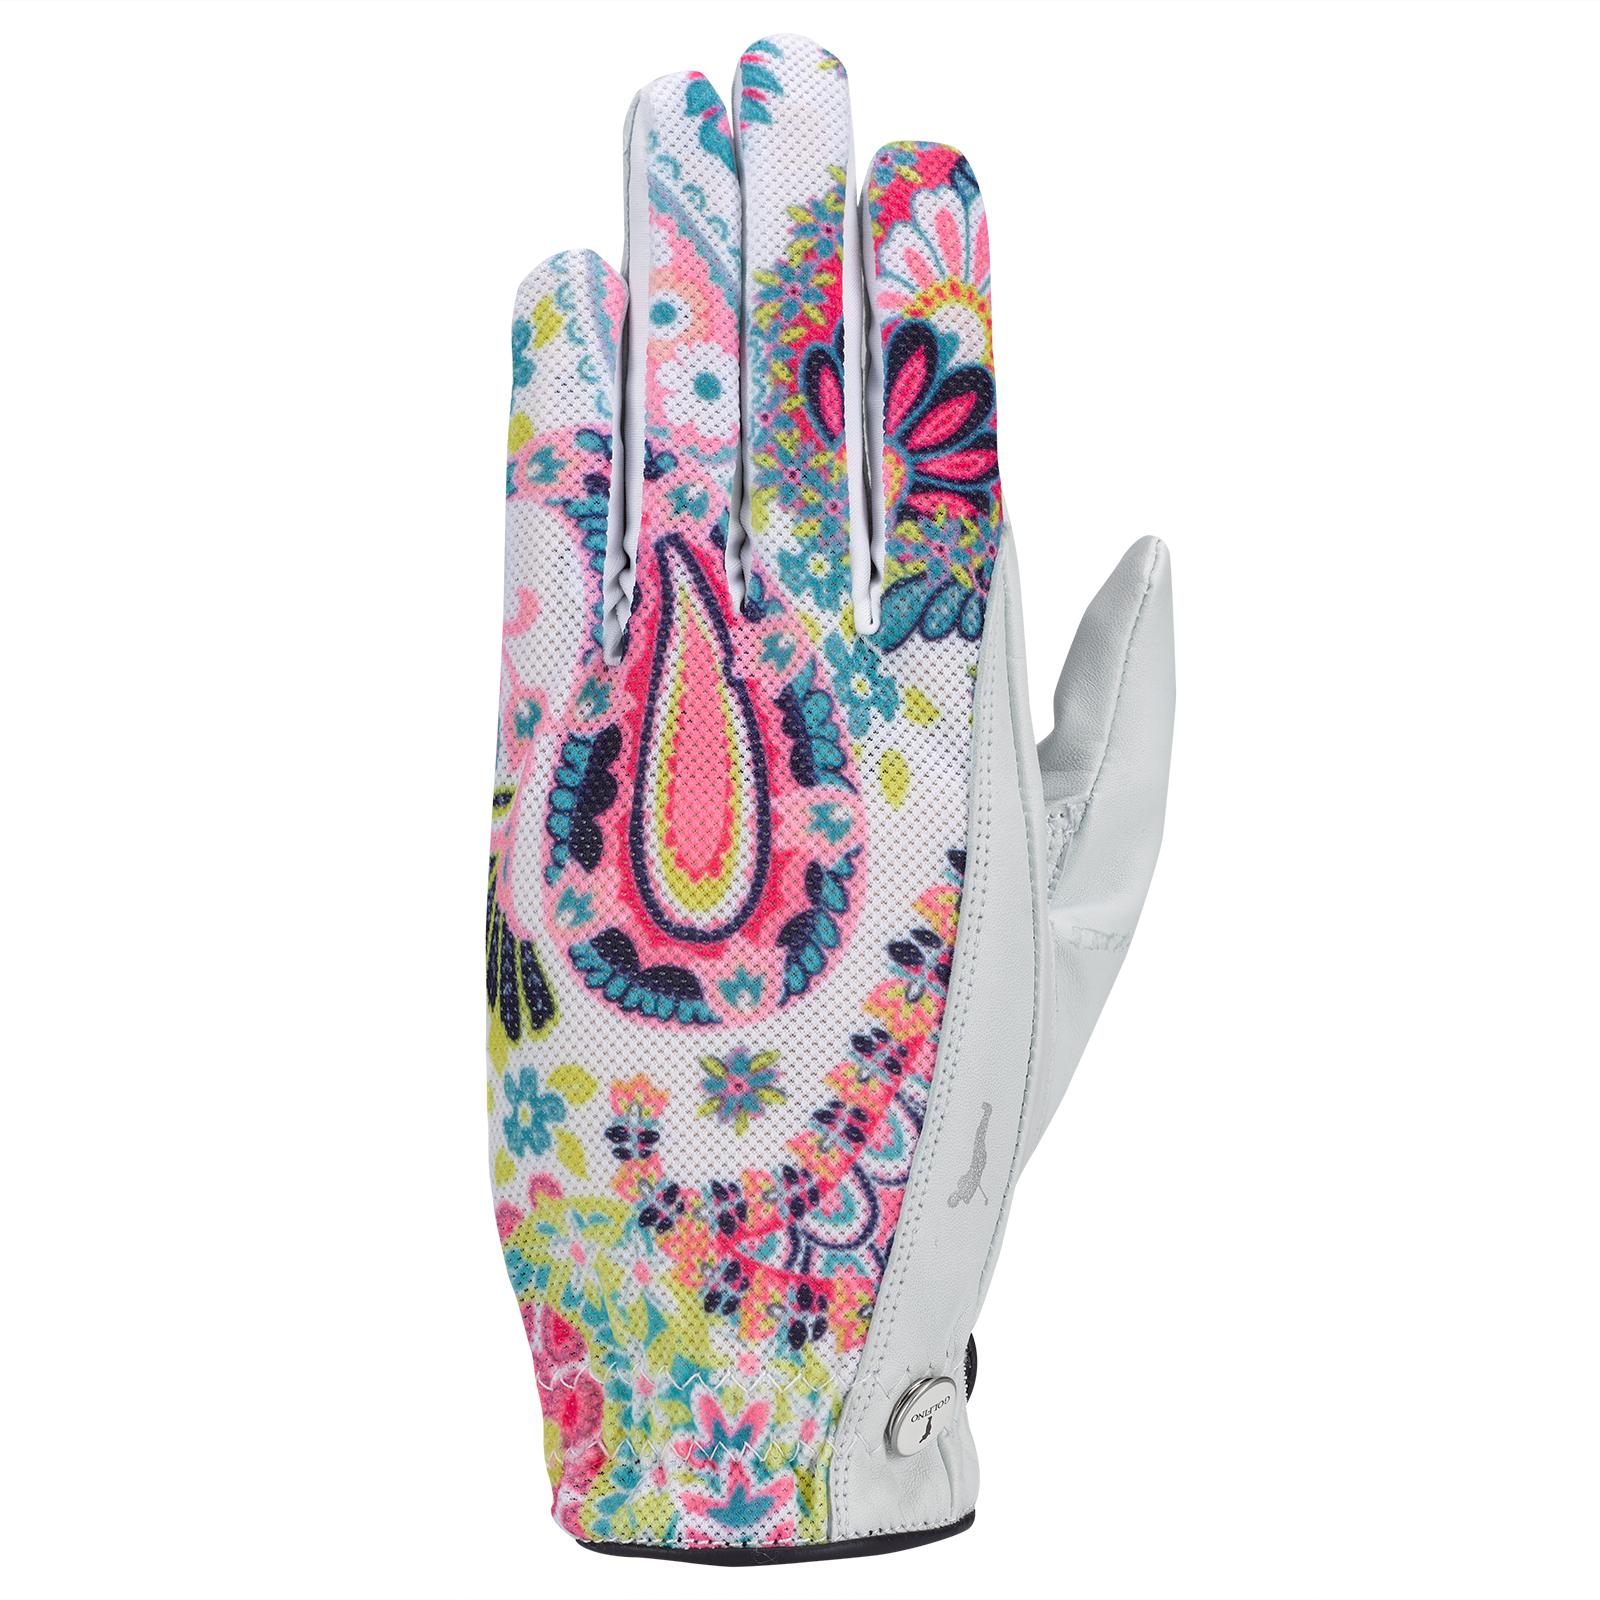 Damen Golfhandschuh (links) aus Leder mit textilem Einsatz